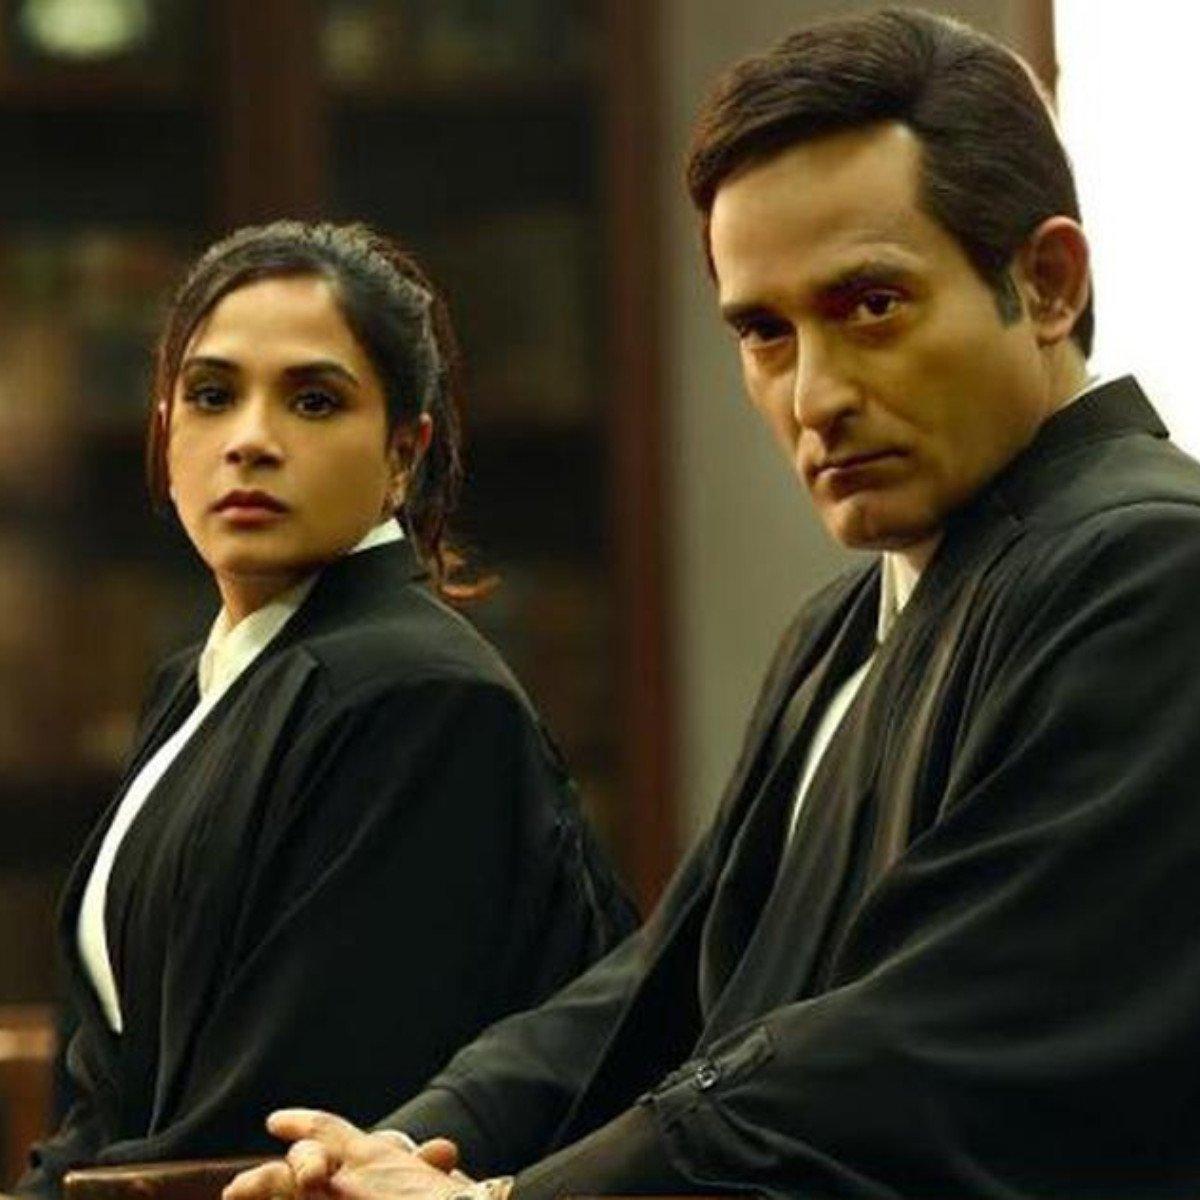 Movie Review: कायद्याच्या तराजूतील न्यायनिवाडा